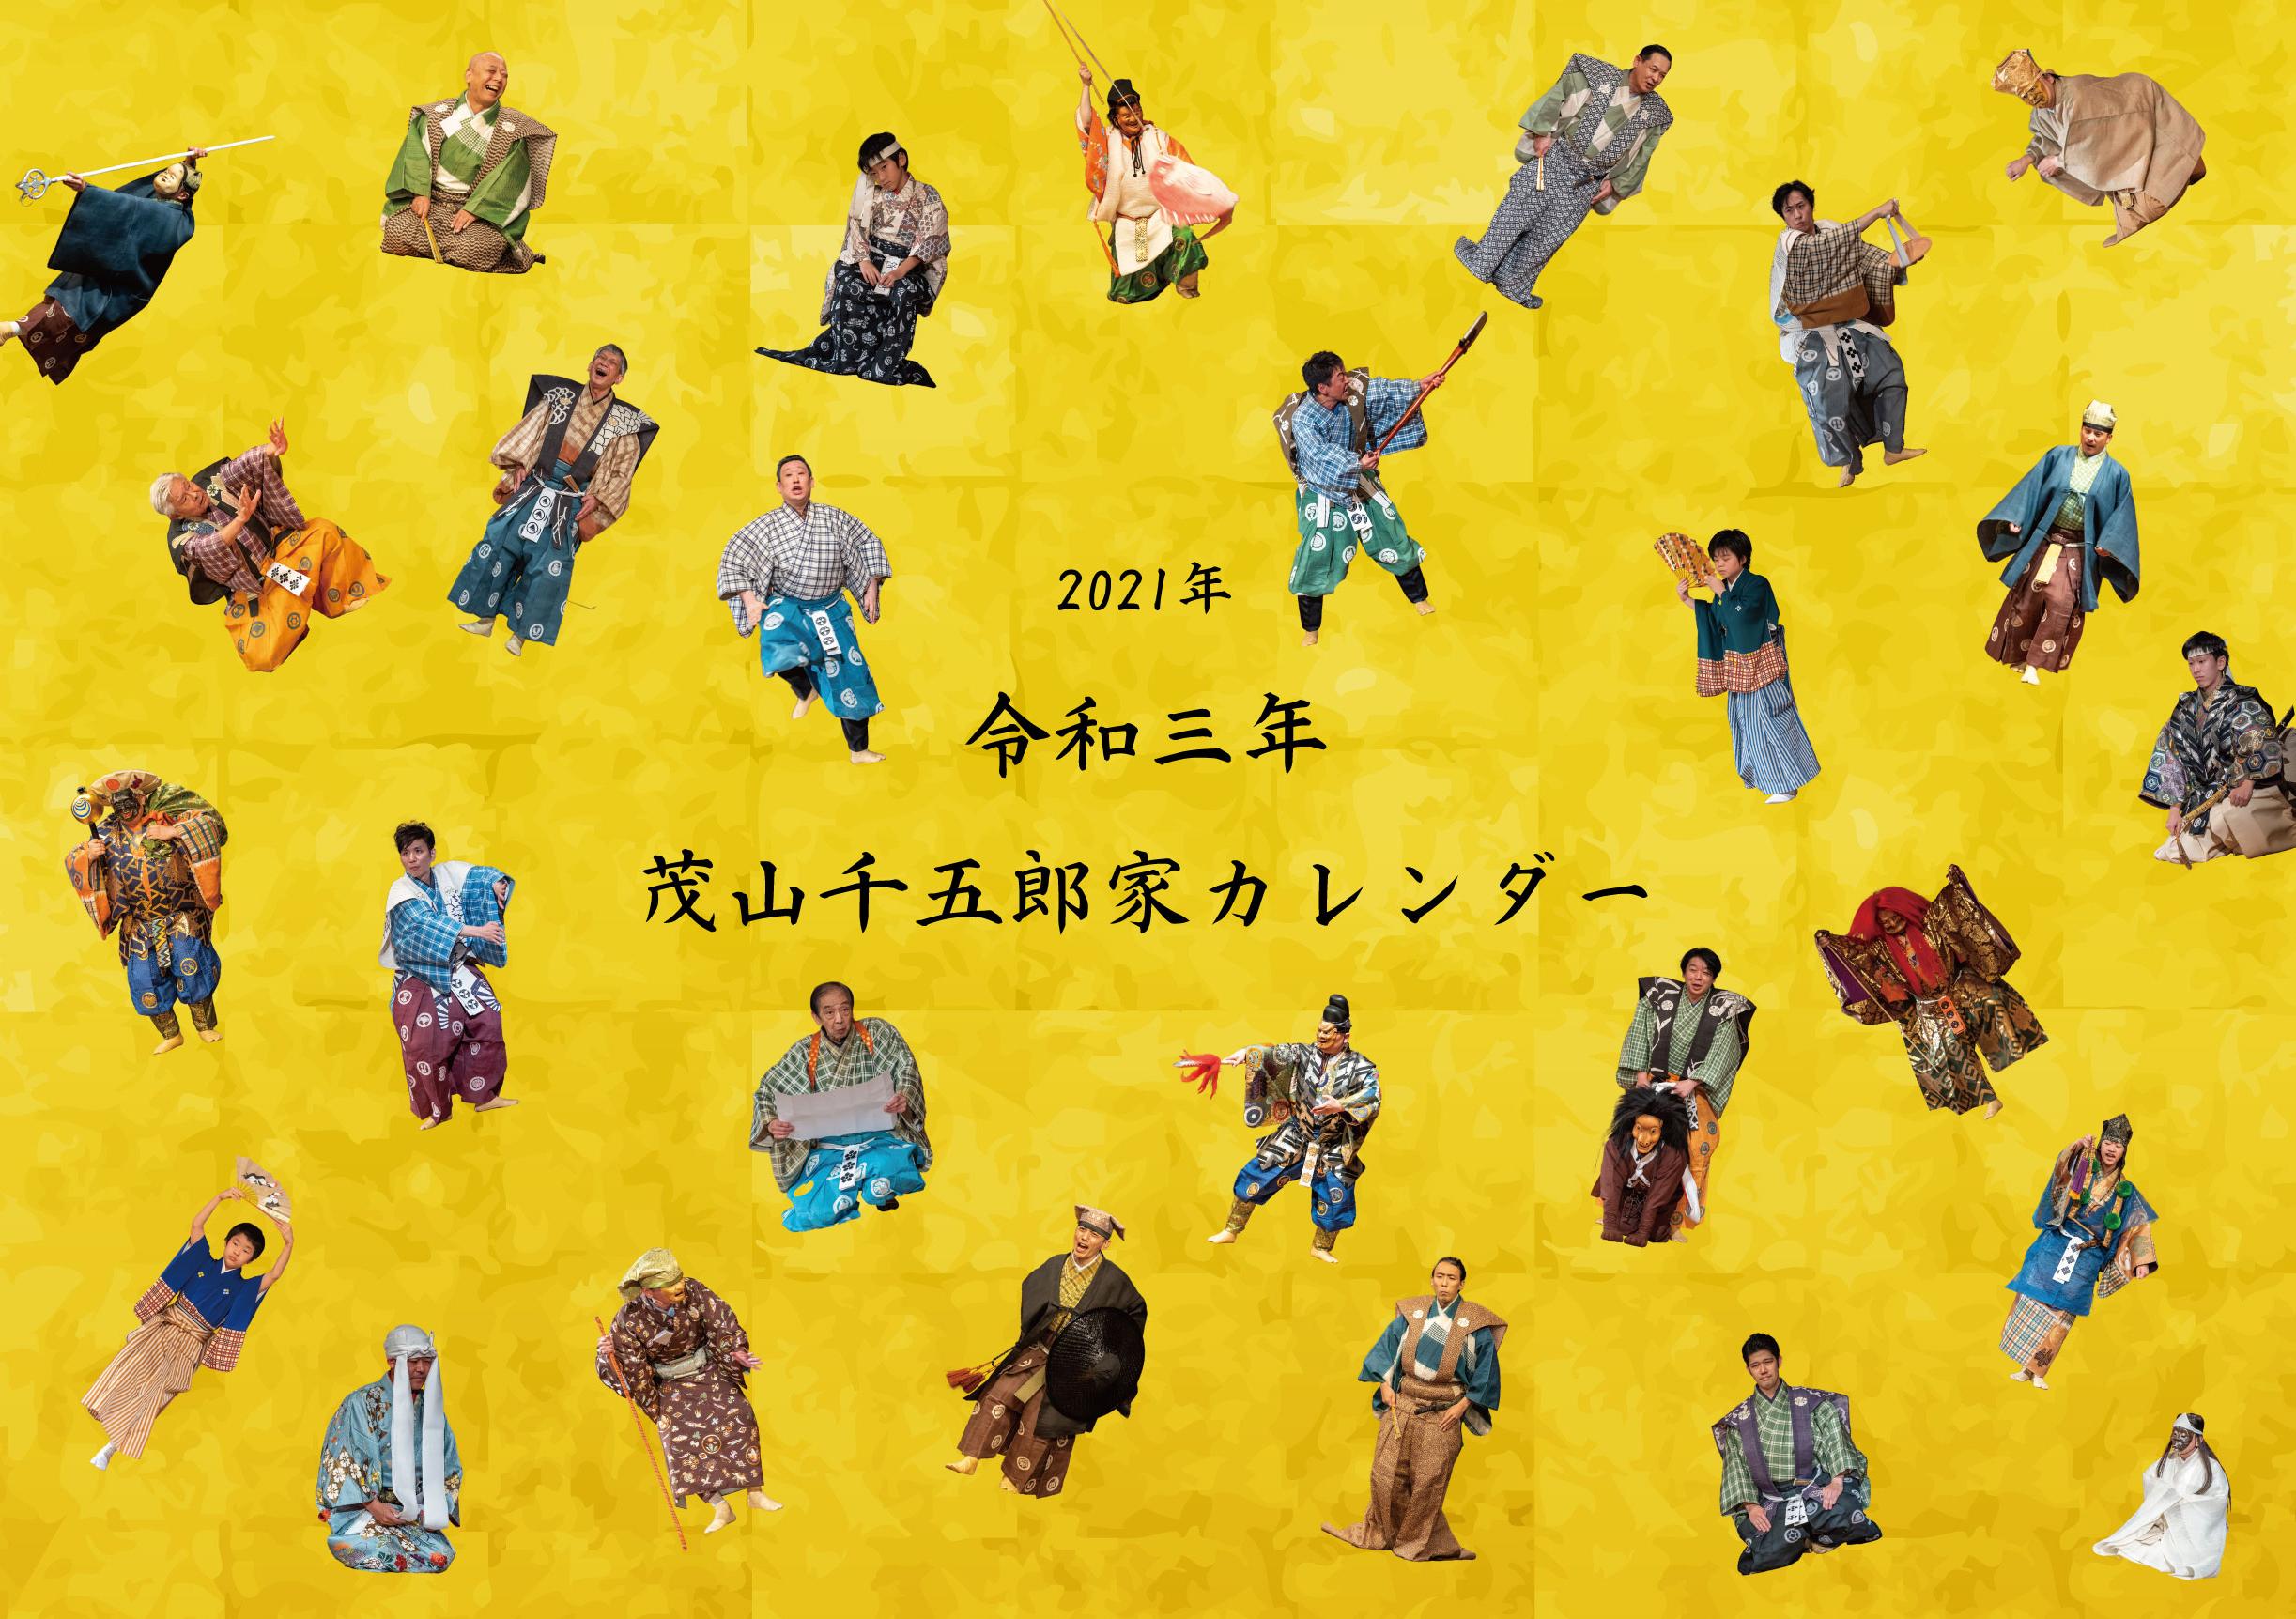 茂山千五郎家2021年カレンダー完成間近! 11/15、ネット通販にて発売!